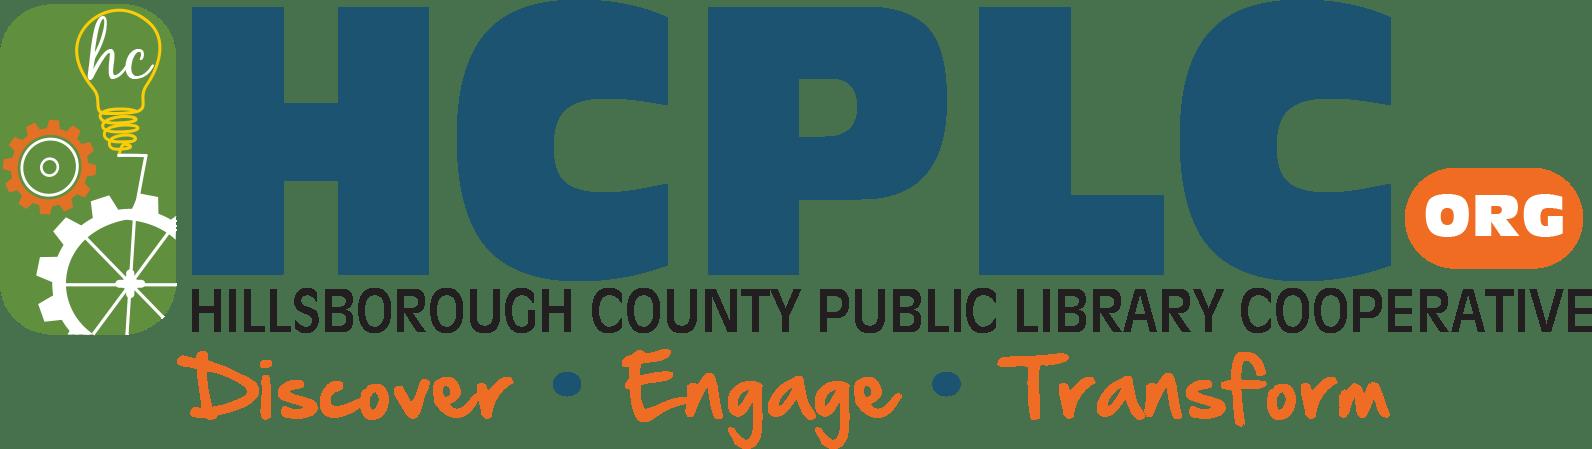 HCPLC logo